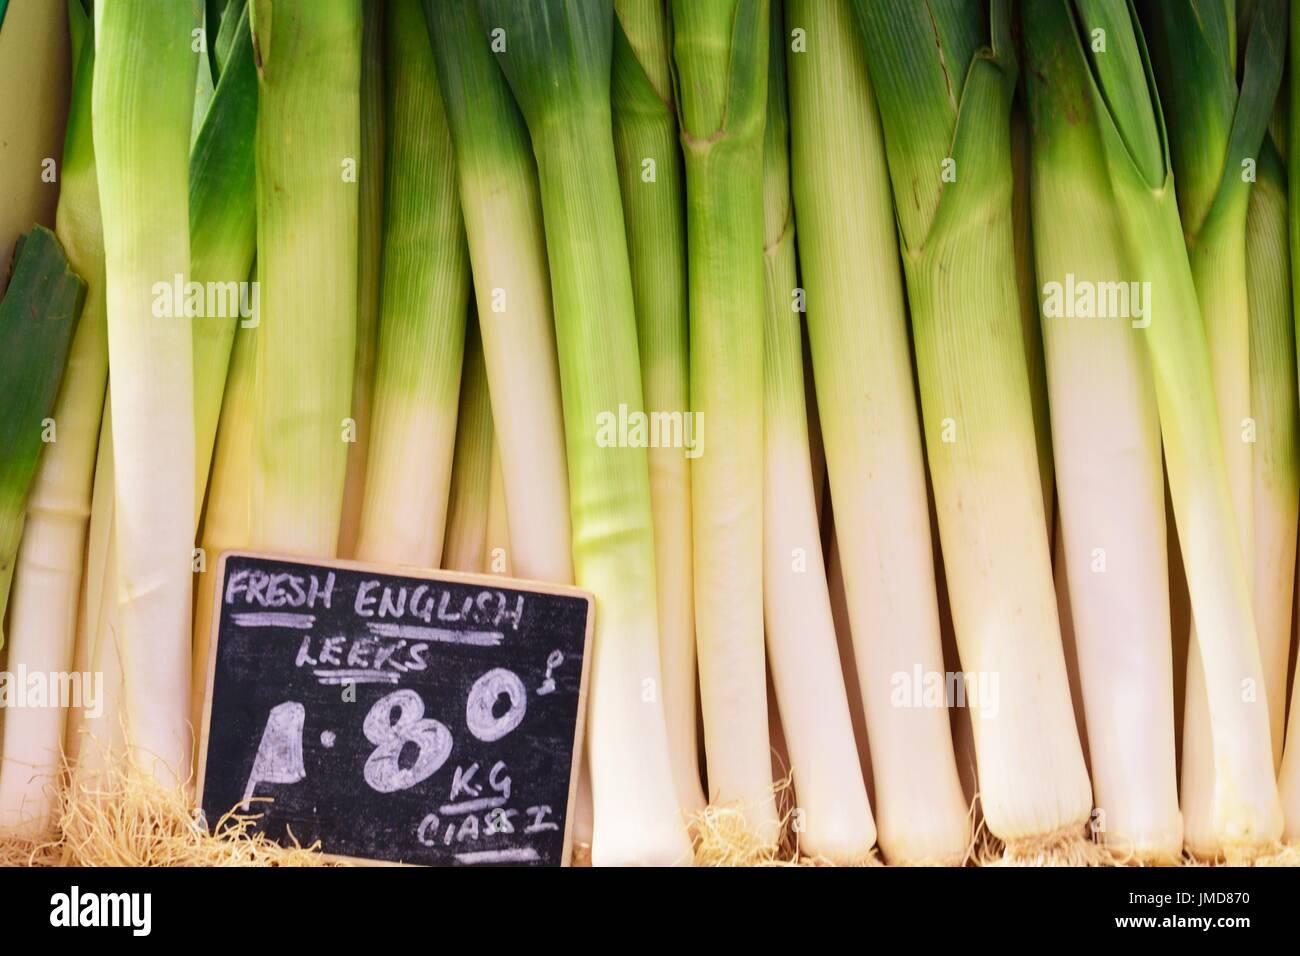 Englische Lauch zum Verkauf auf Markt Stockbild